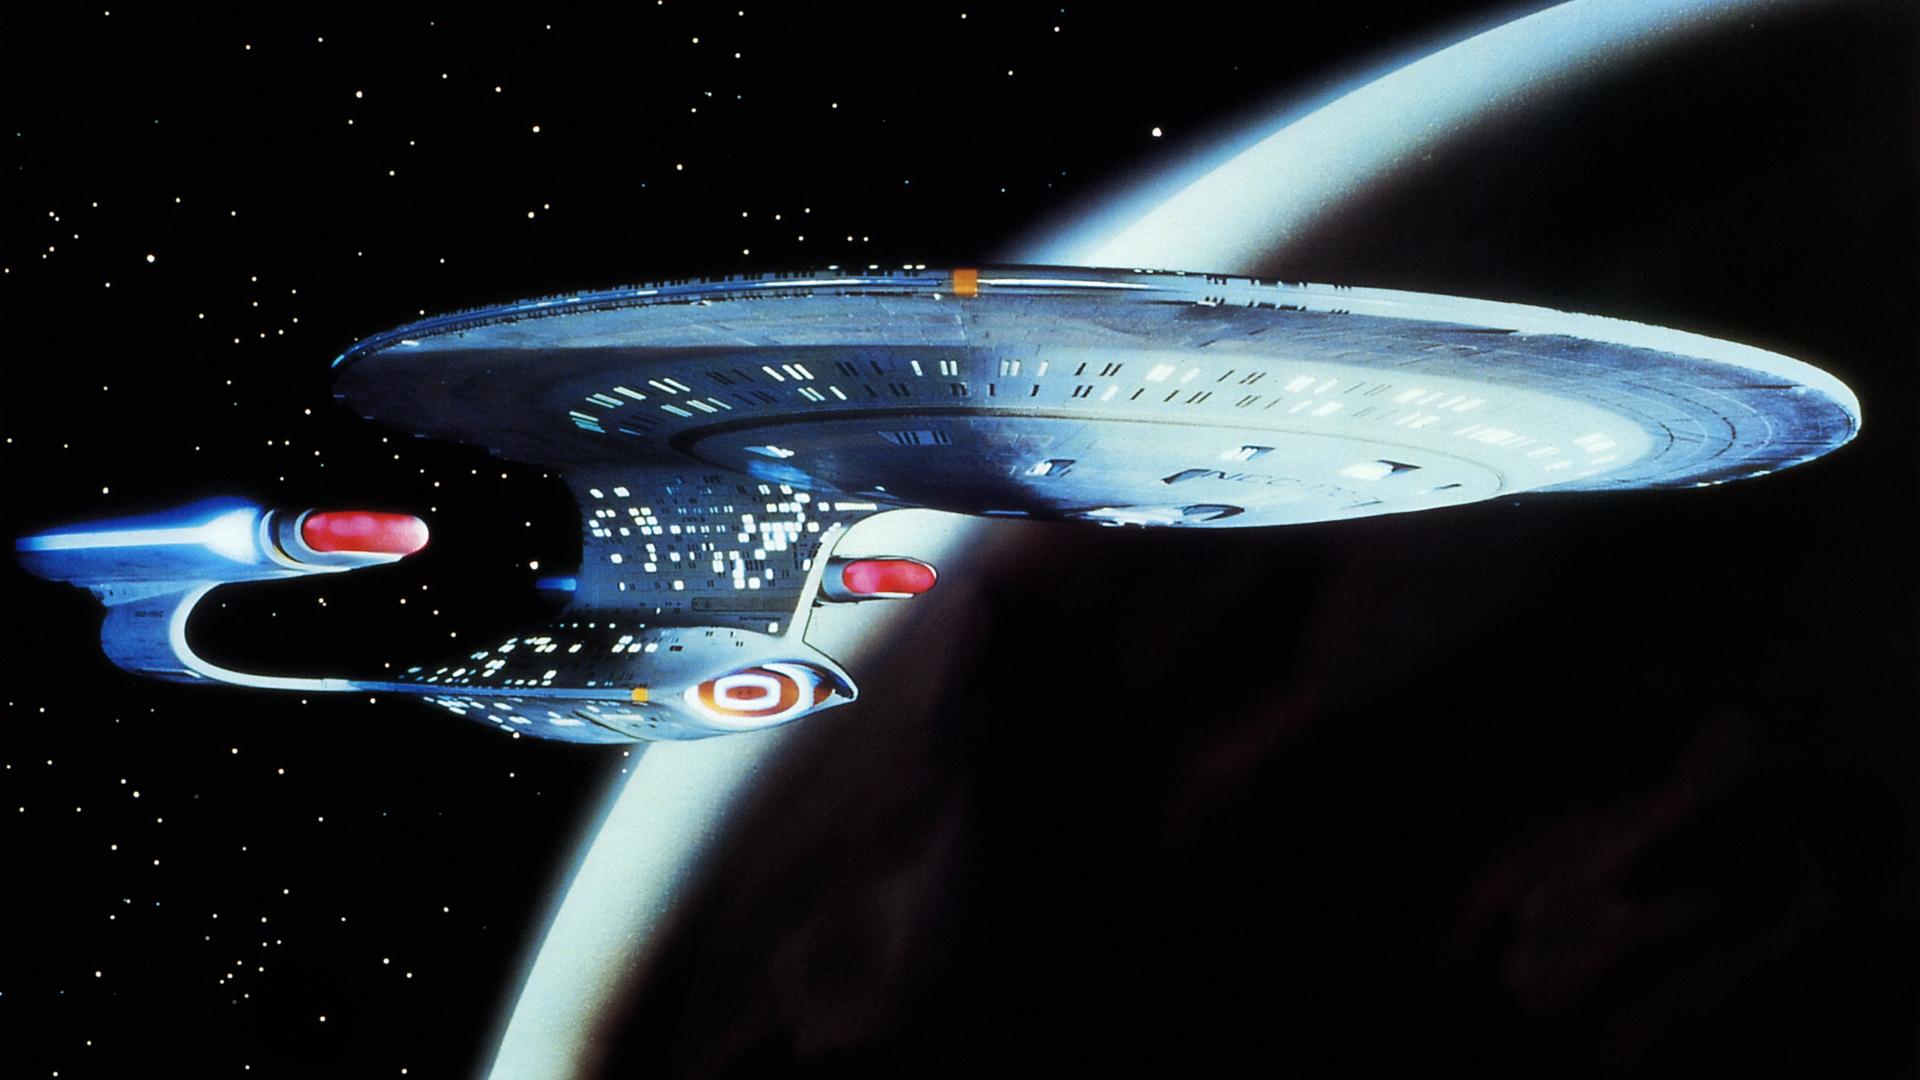 Star Trek HD Wallpaper | Background Image | 1920x1080 | ID ...